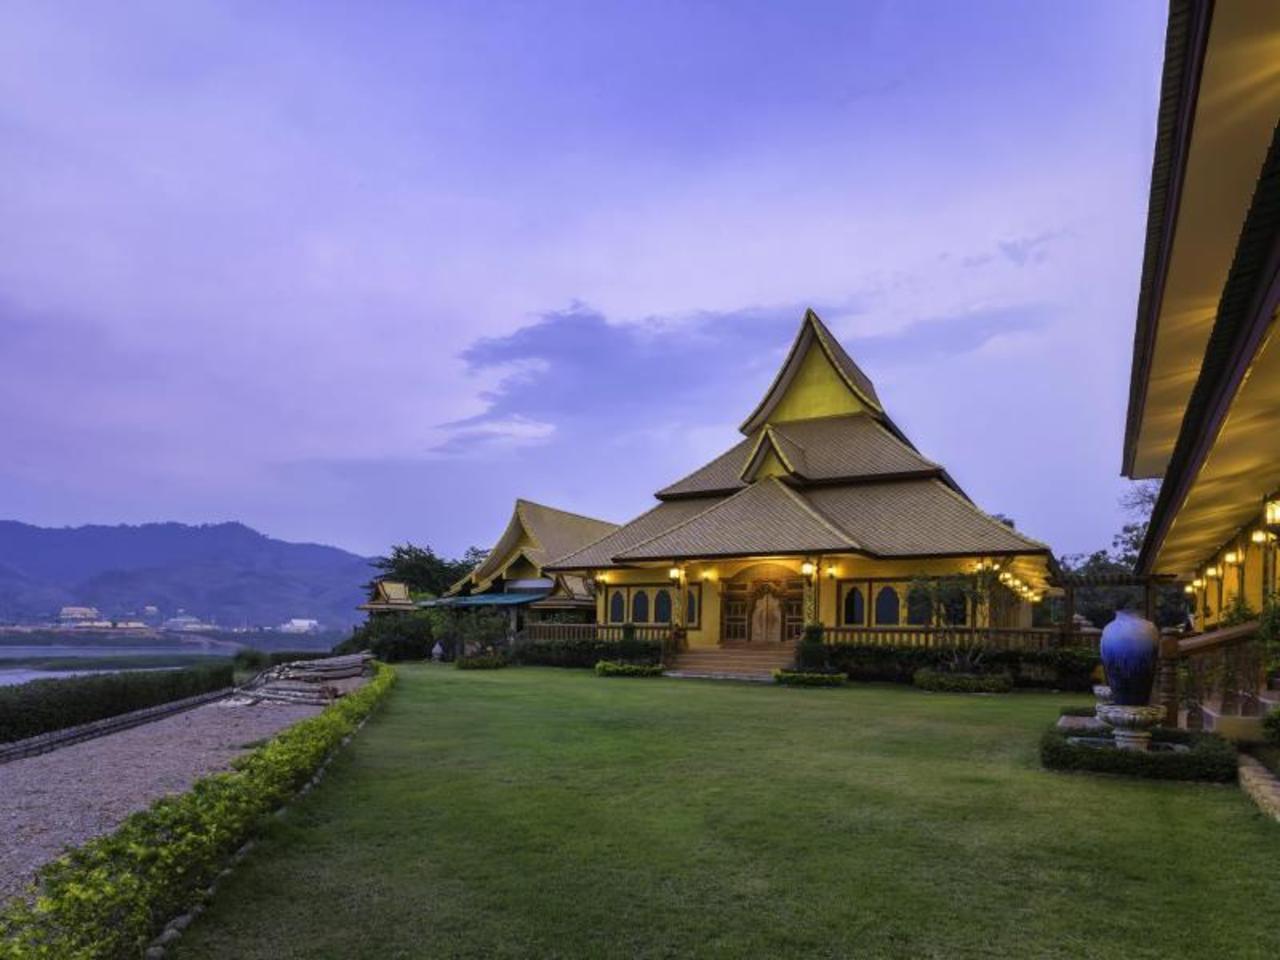 นาคราชนคร เชียงของ (Nakaraj Nakhon Chiangkhong)